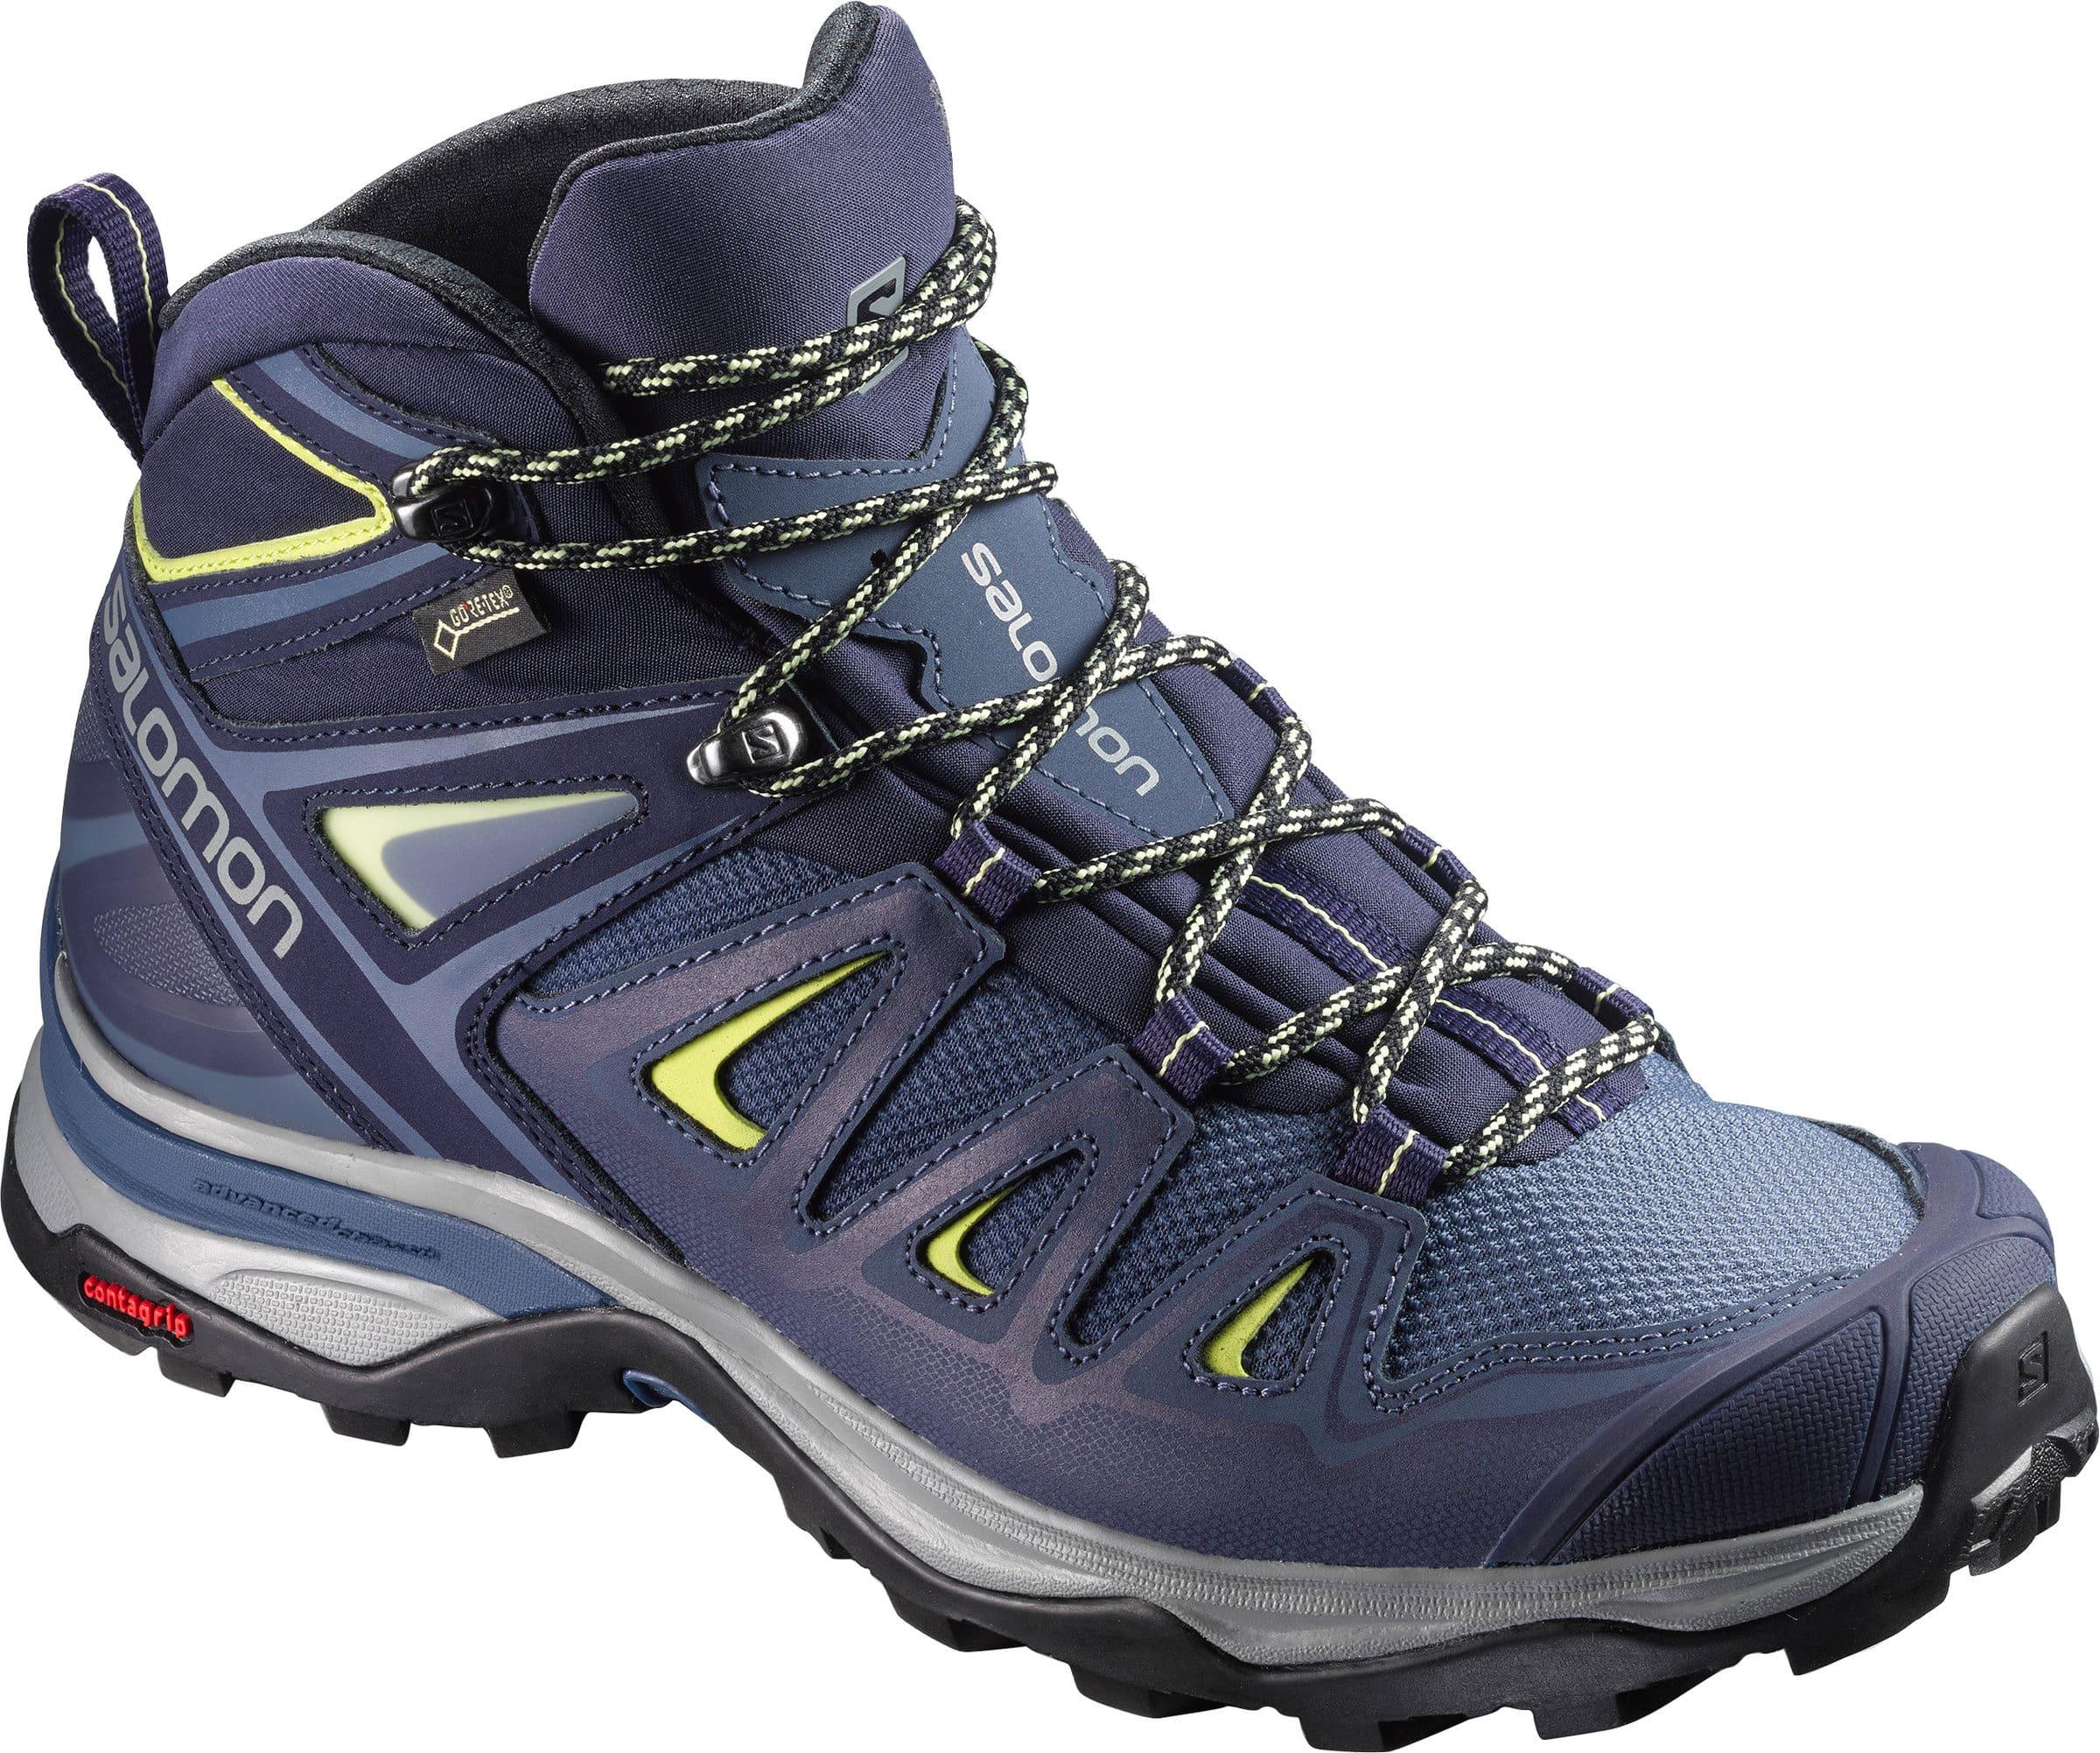 Salomon X Ultra 3 Mid GTX Chaussures de randonnée pour femme